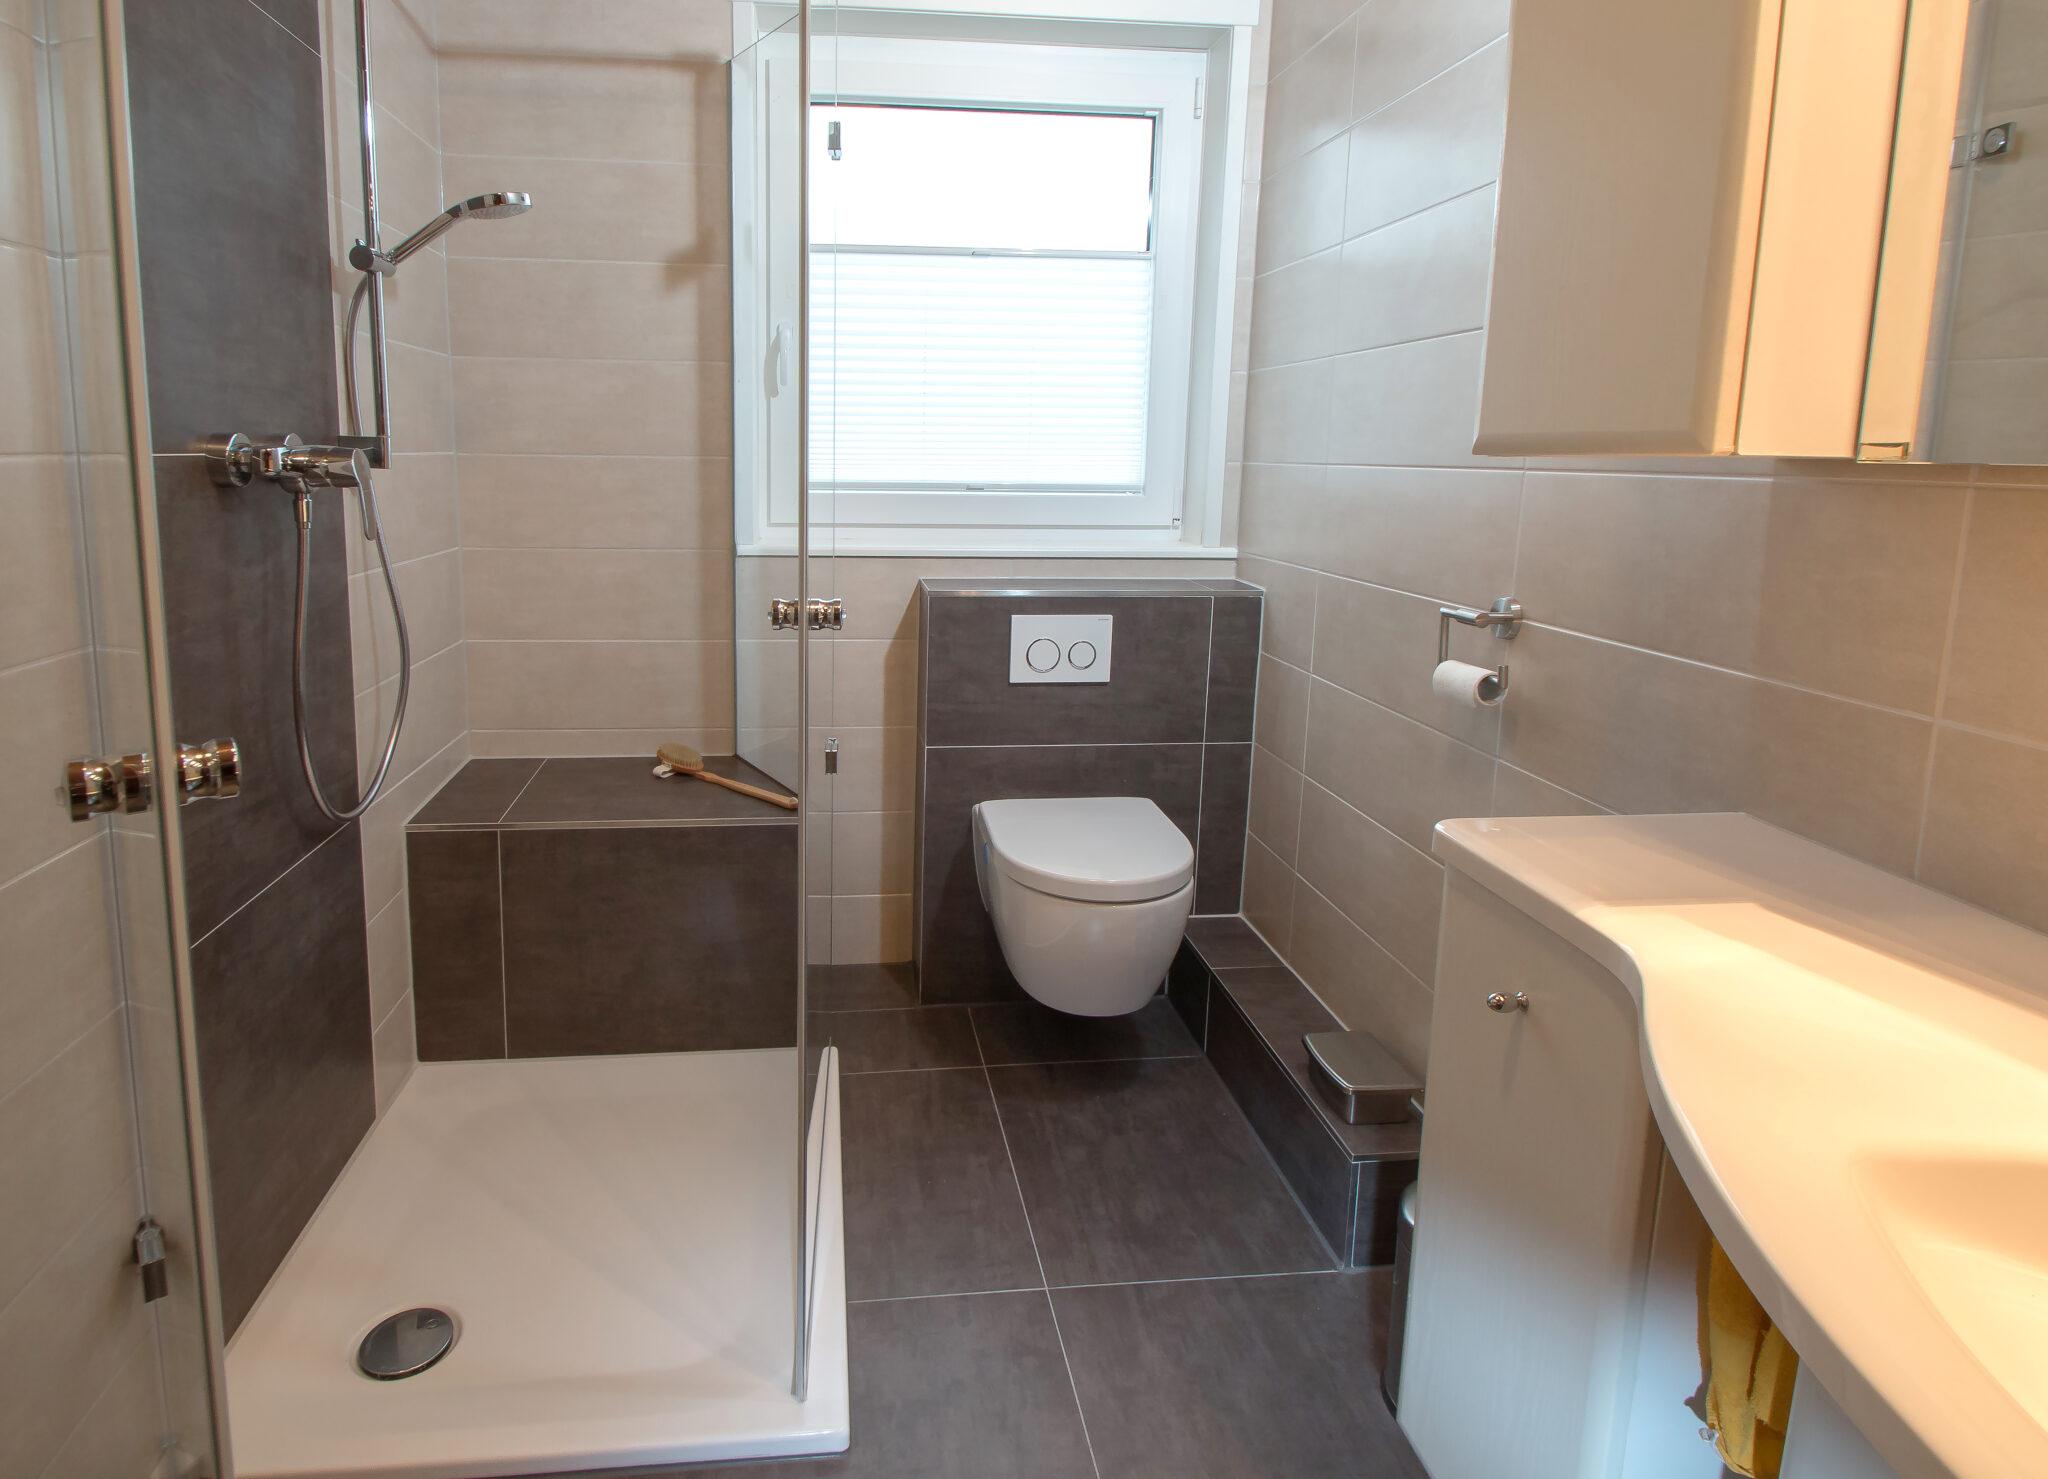 Dusche vorm Fenster   Beispiel und Ideen   BÄDER SEELIG